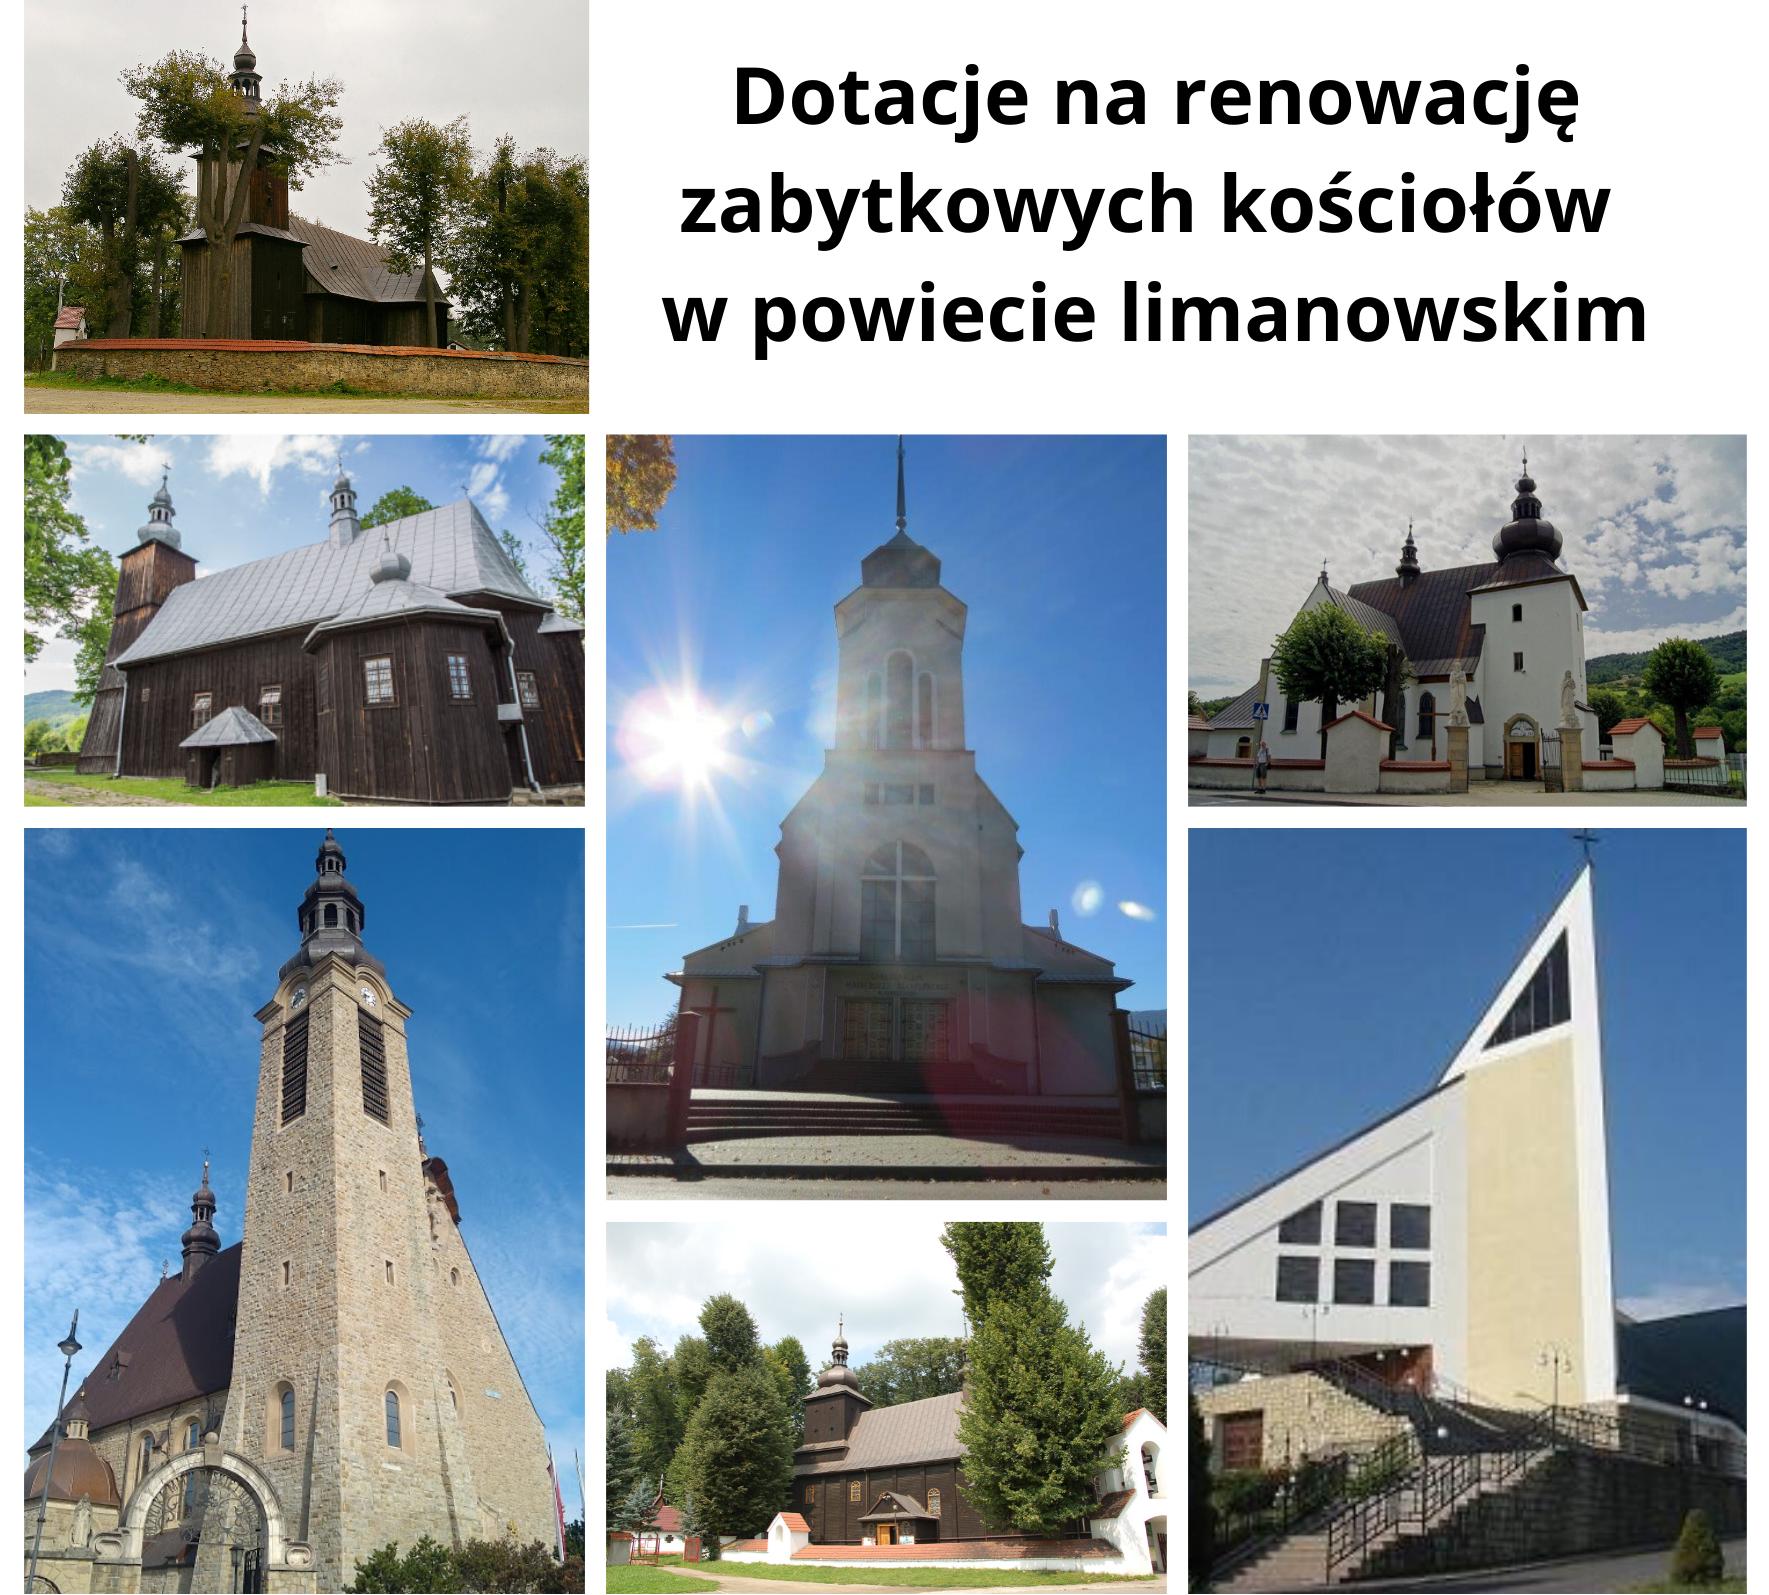 Powiat Limanowski przyznał dotacje na renowacje zabytkowych kościołów- plakat informacyjny